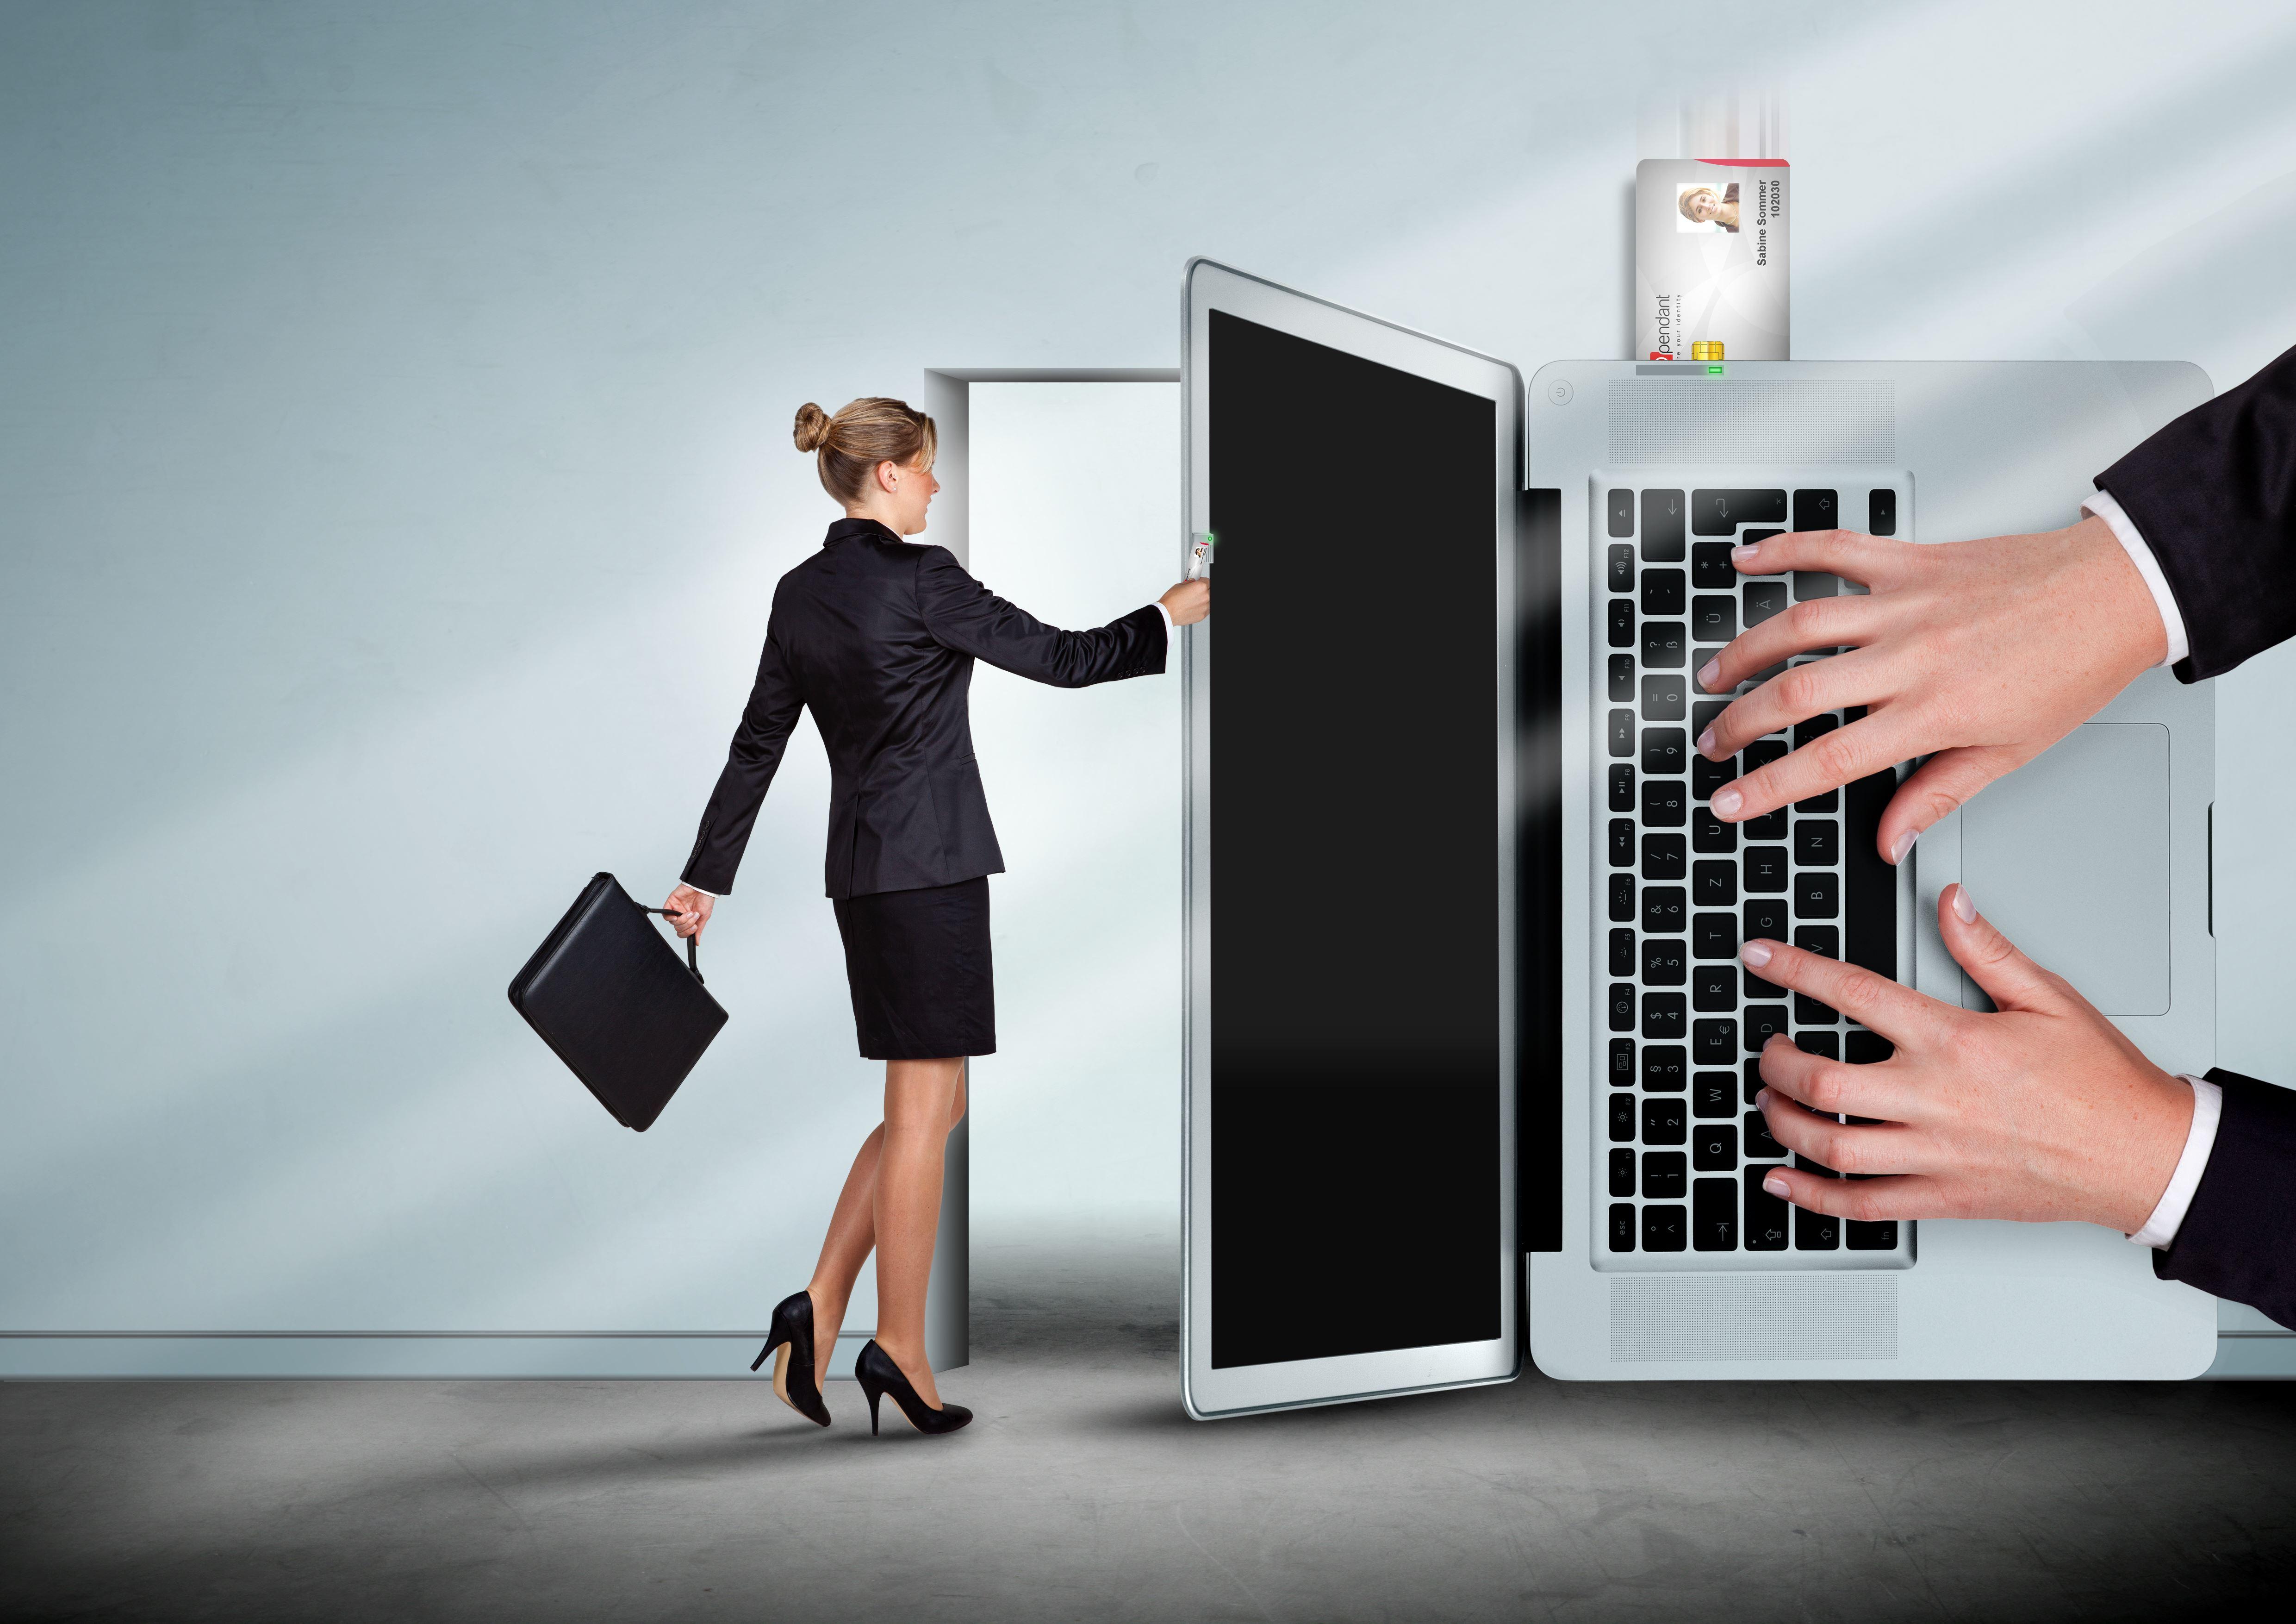 IDpendant zeigt auf der it-sa 2013 neueste IT-Sicherheitstechnologien, auch für mobile Geräte